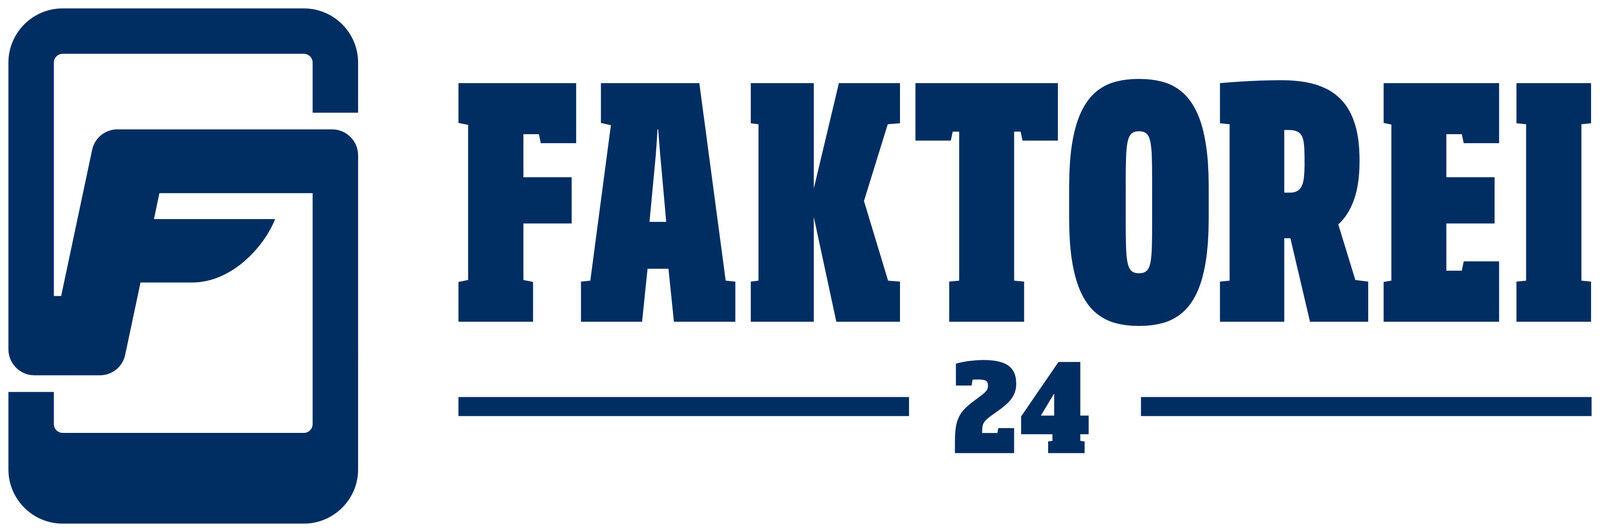 Faktorei 24